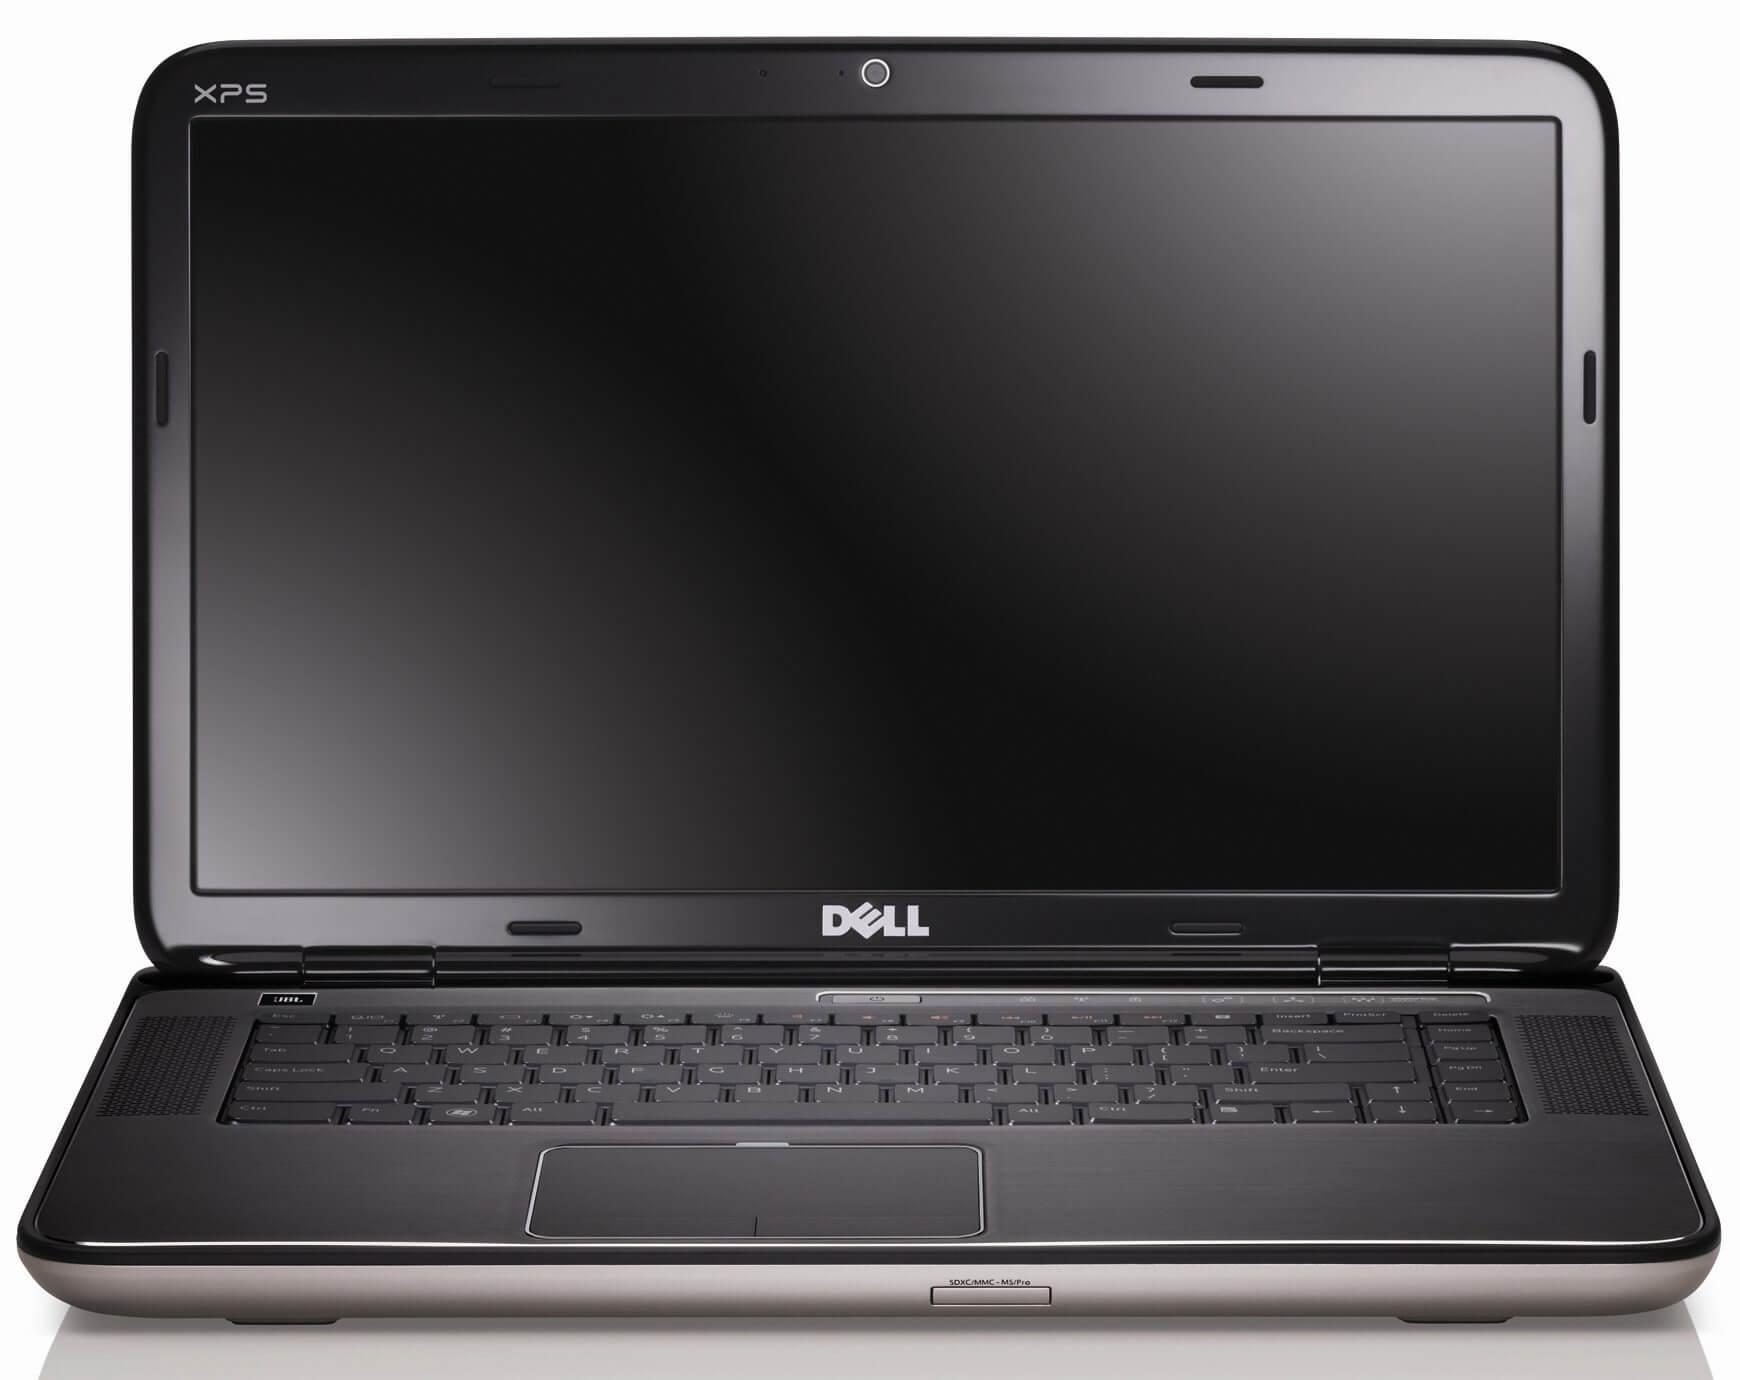 Dell XPS de 2010